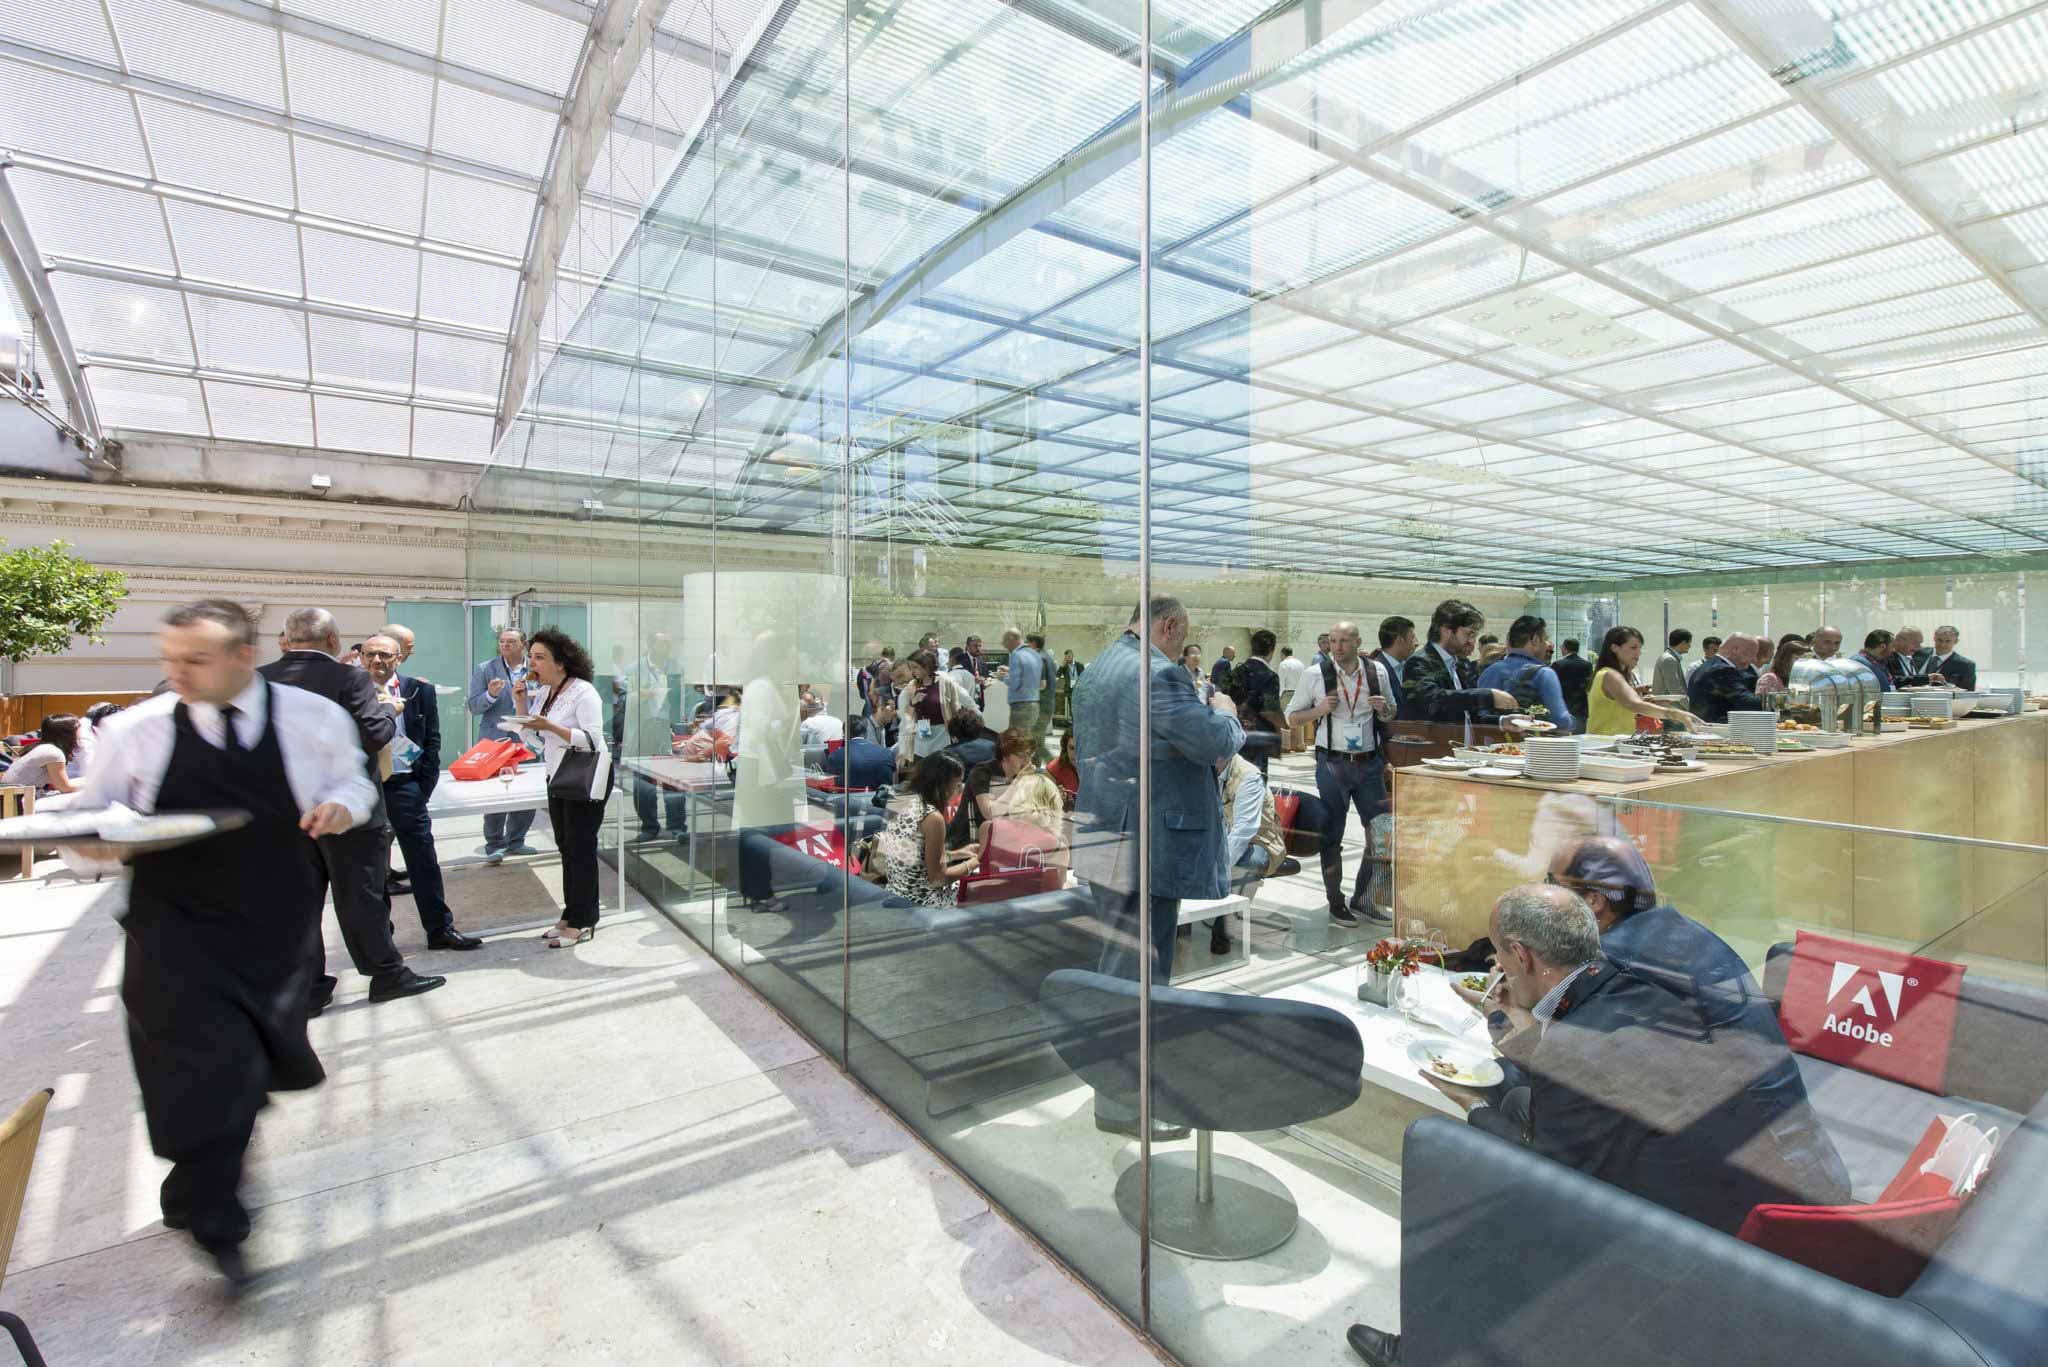 Fotografo per Conferenze a Roma – Adobe Customer Experience Forum #11